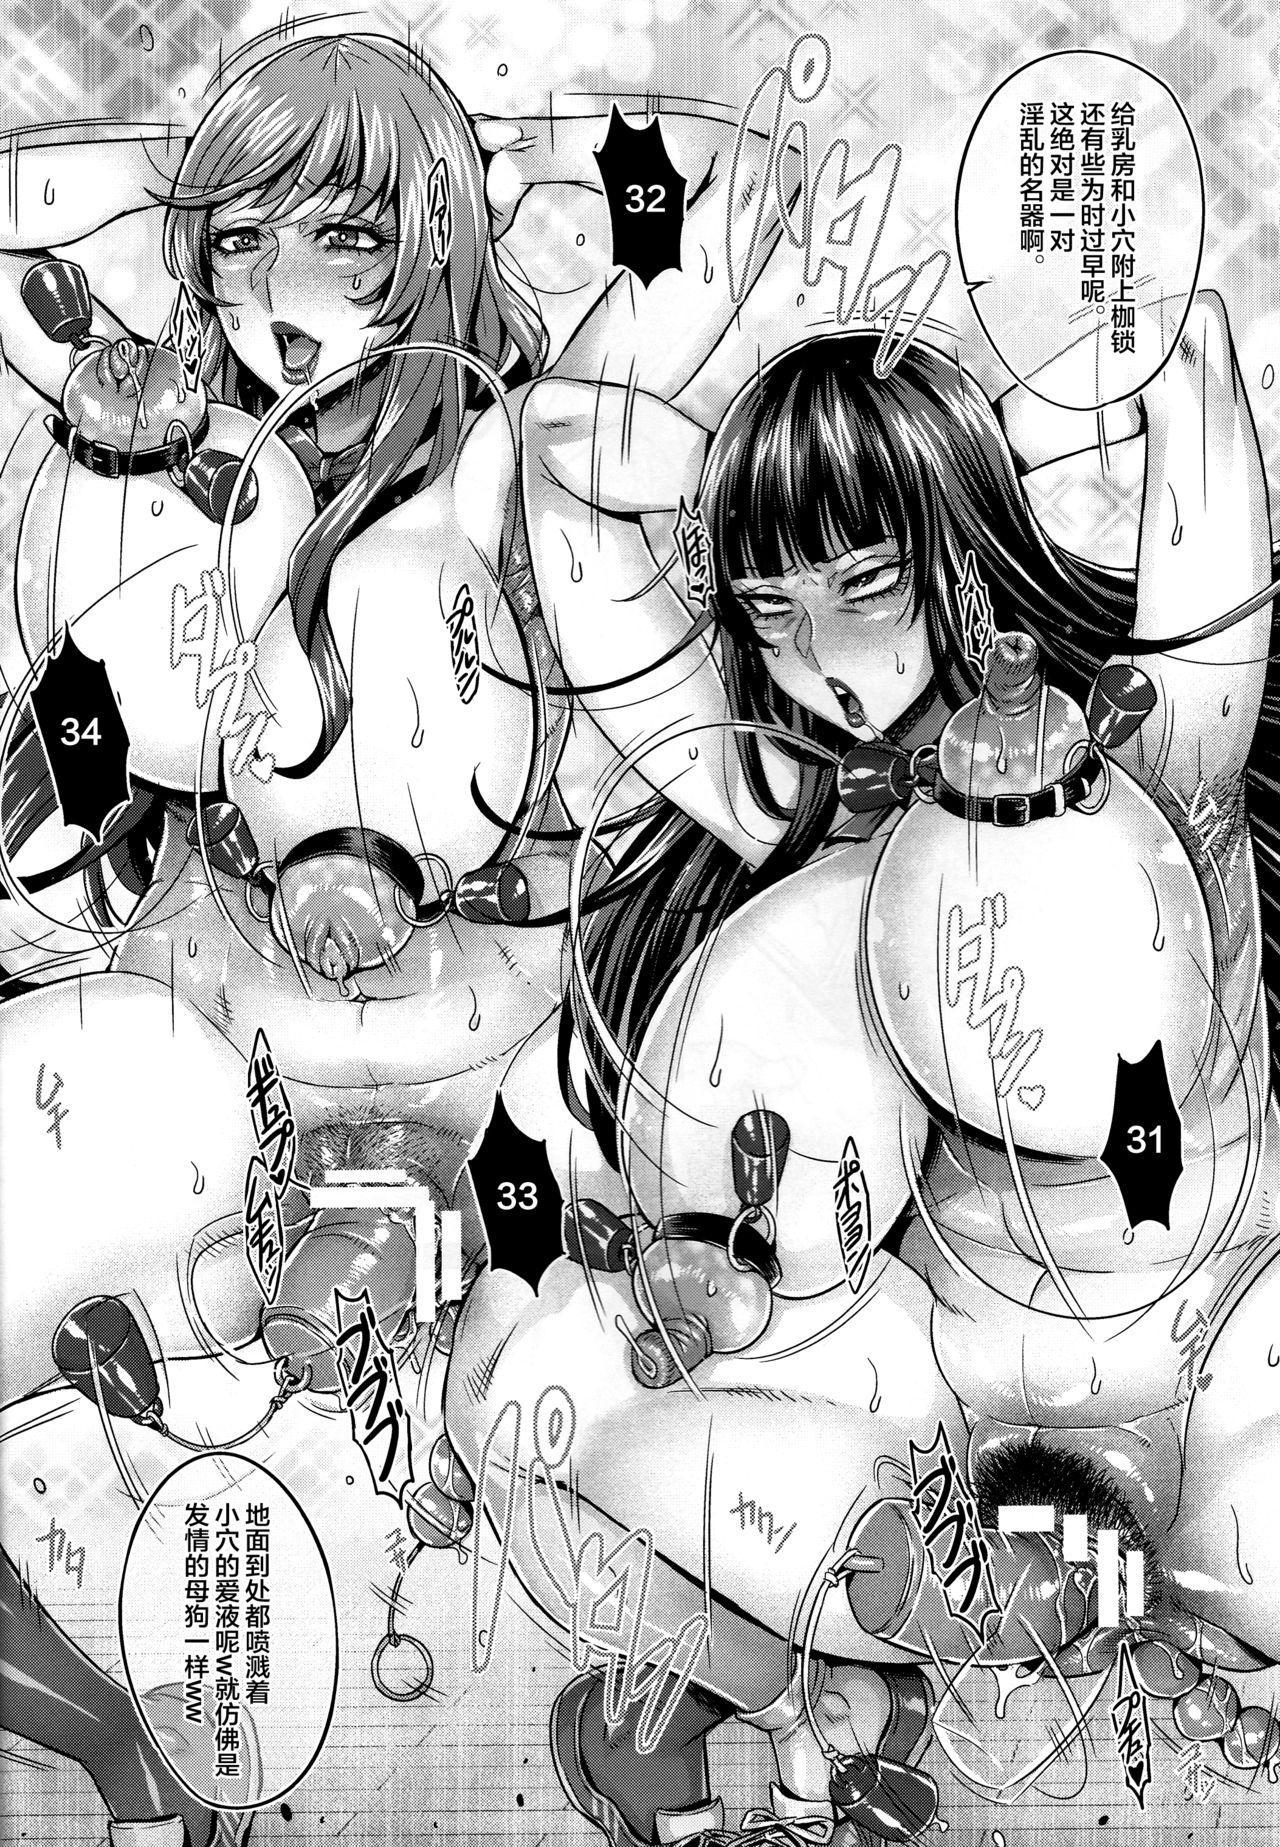 Bimajo no Sennou Settai 10